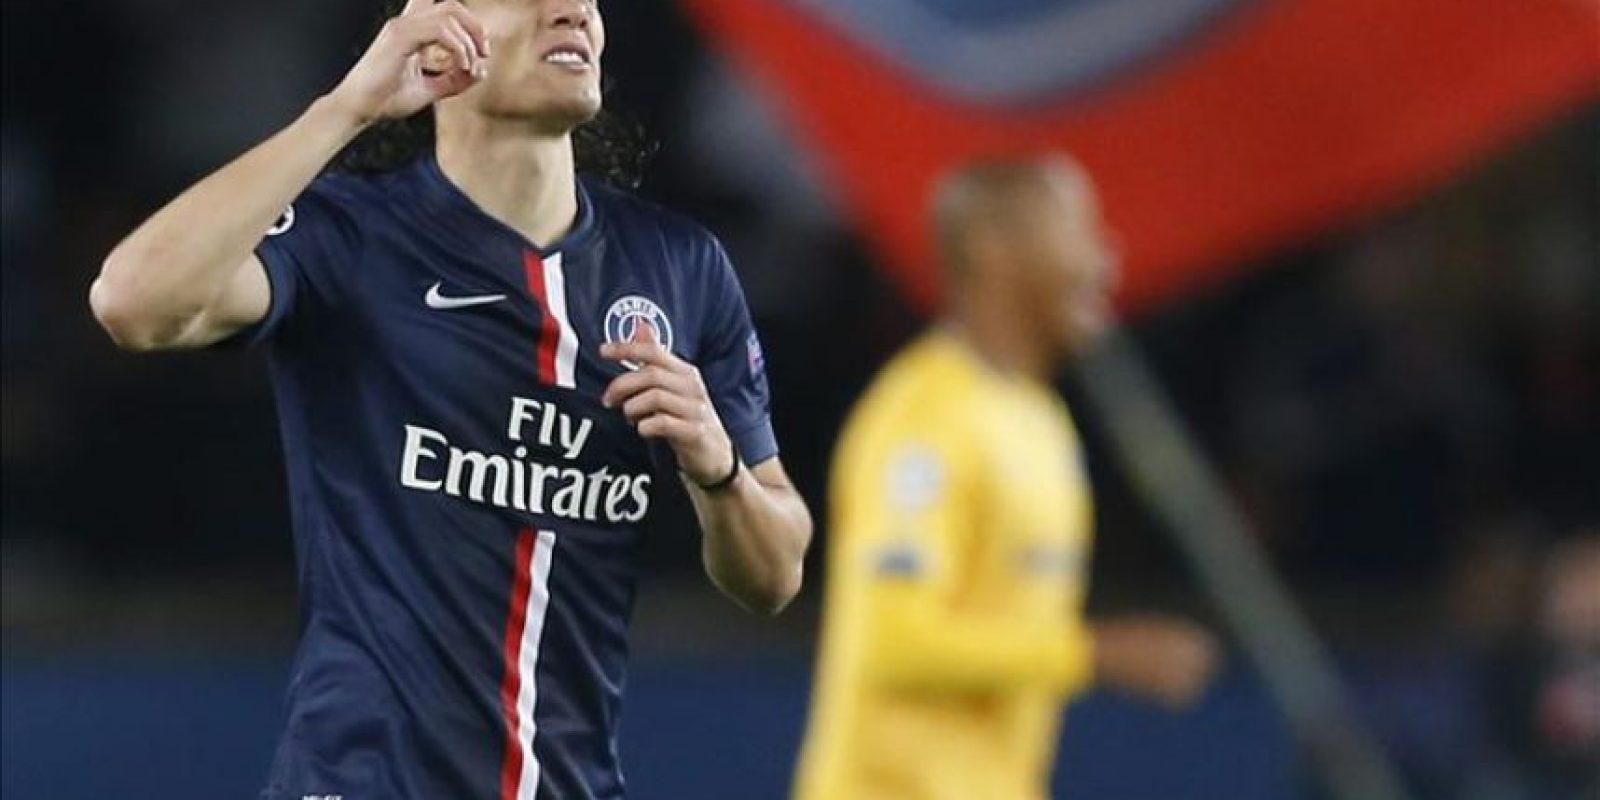 Edinson Cavani, jugador uruguayo del Paris Saint Germain, muestra su alegría tras marcar el 1-0 durante el partido del grupo F de la Liga Europa que enfrentó a su equipo contra el APOEL Nicosia en el estadio del Parque de los Príncipes en París, Francia. EFE